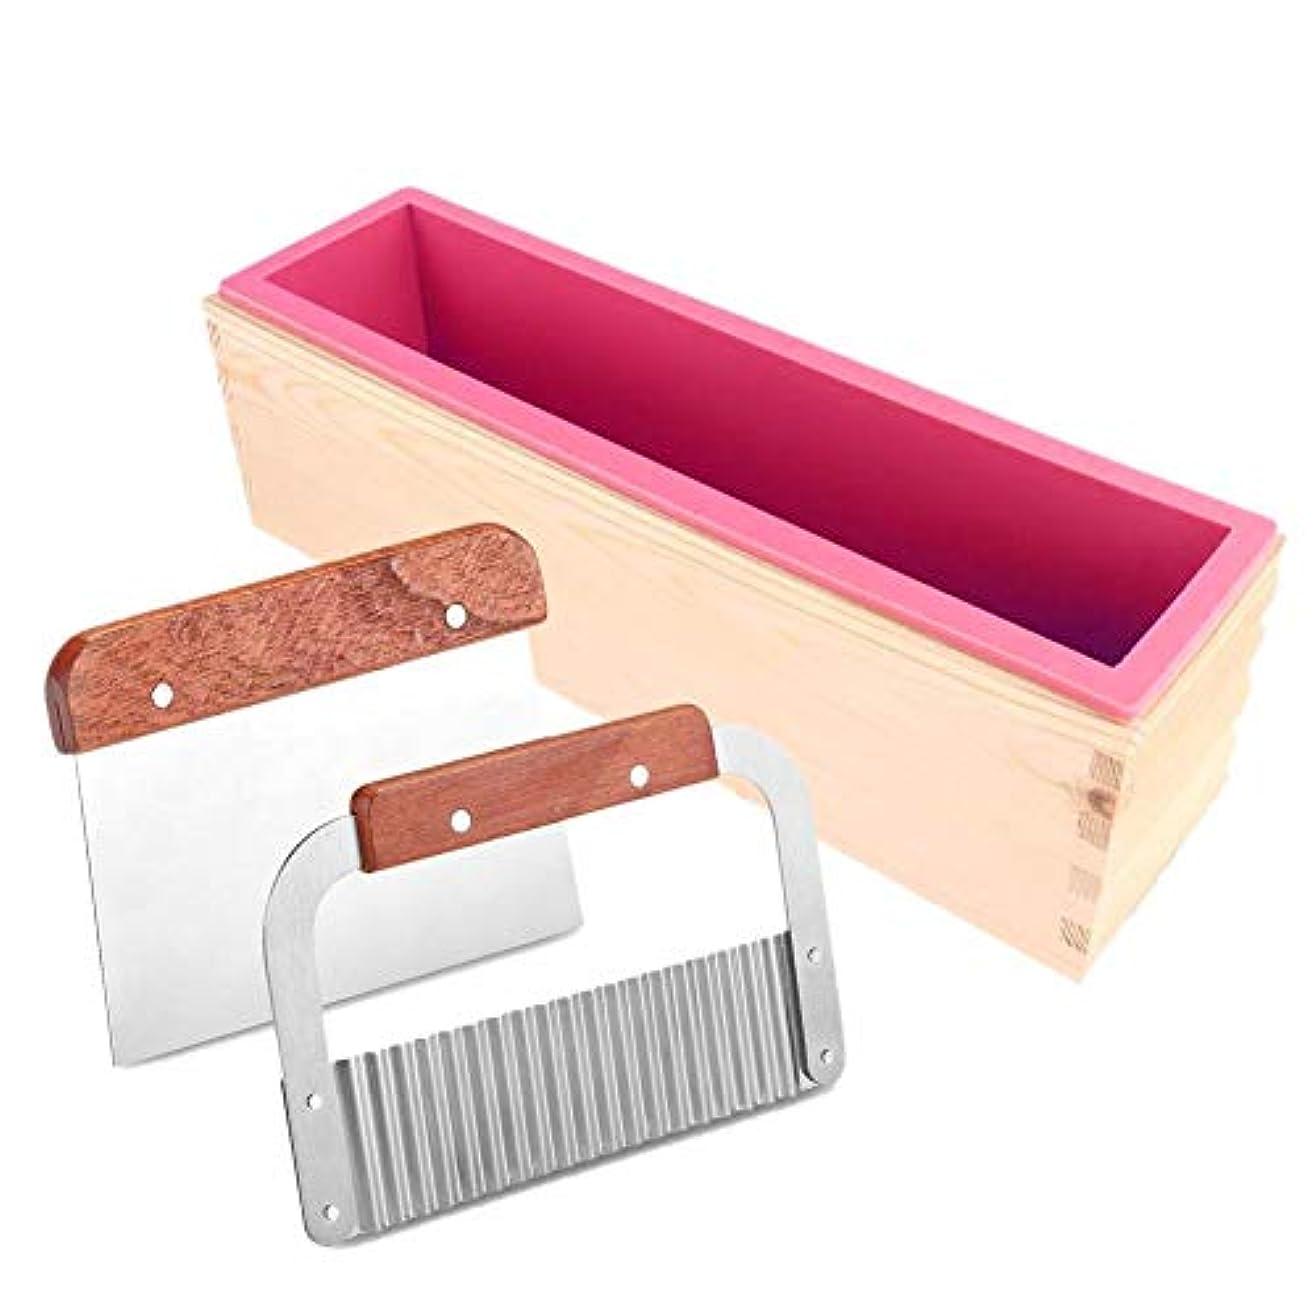 経営者槍構造Ragemのシリコーンの石鹸型 - 自家製の石鹸の作成のための2Pcsカッターの皮むき器が付いている長方形の木箱の石鹸の作成型